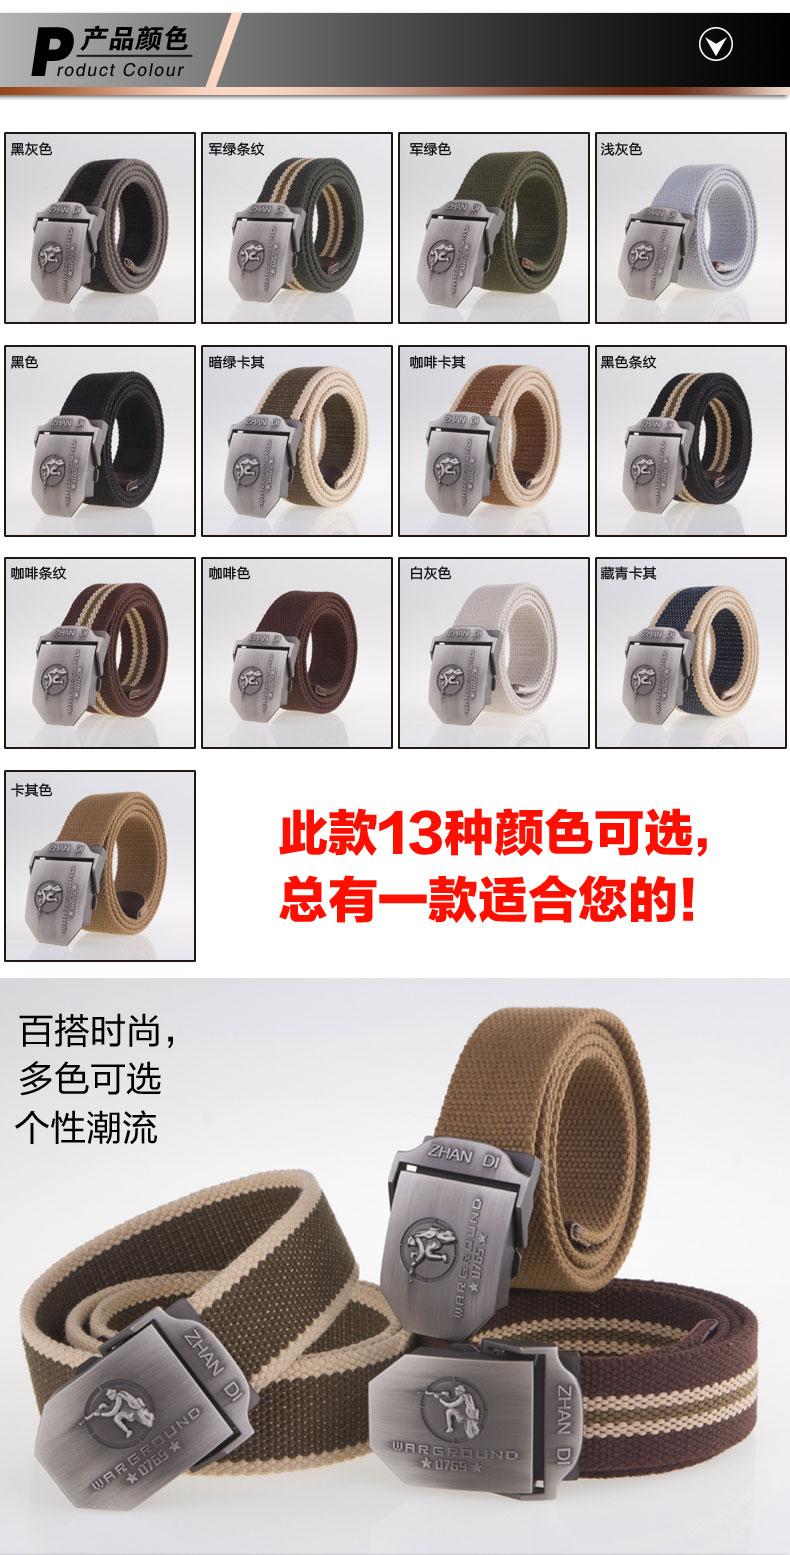 朗耐斯旗舰店_朗耐斯品牌产品评情图